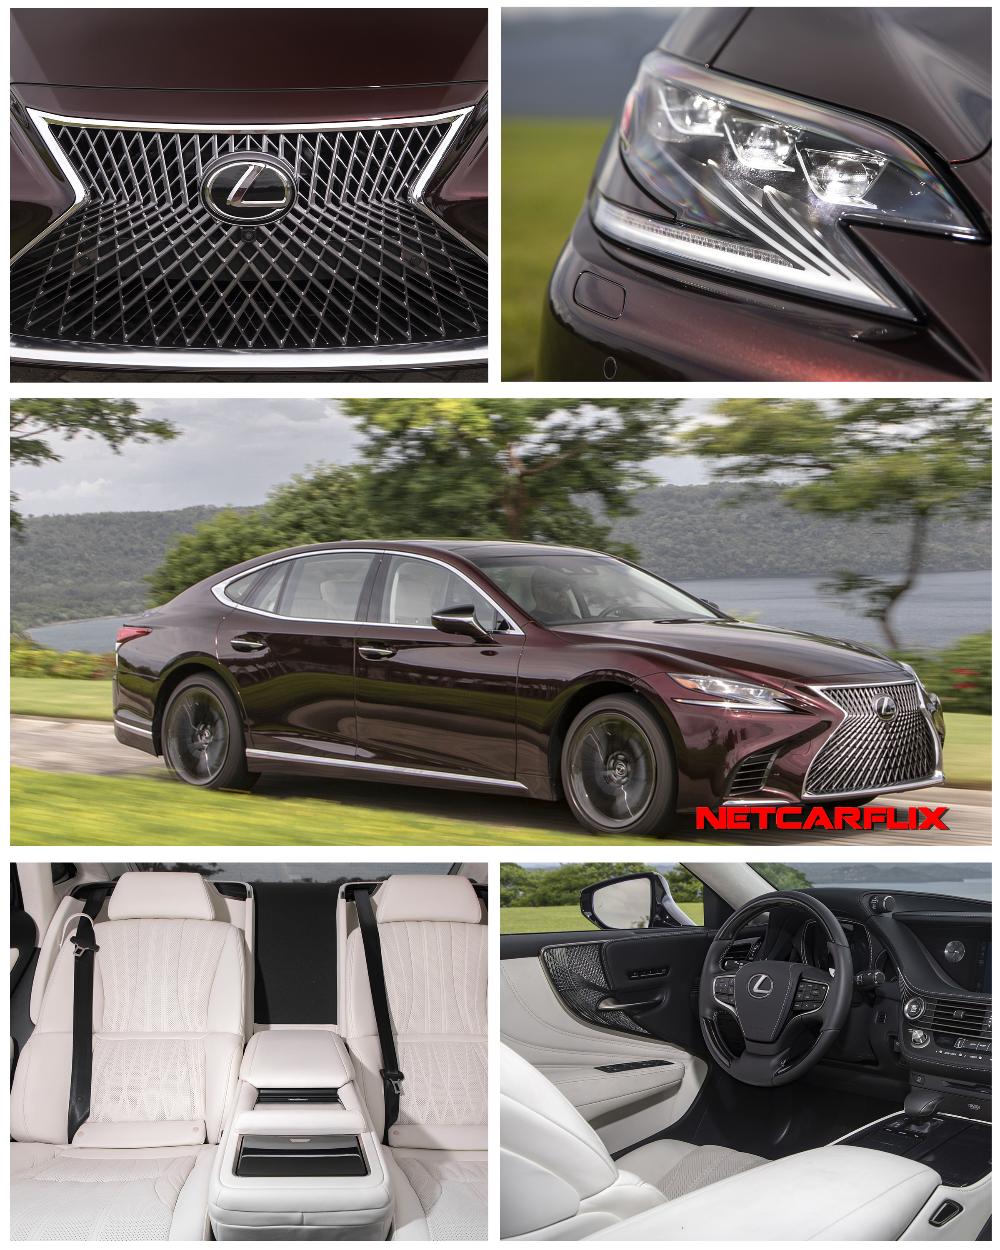 2020 Lexus Ls 500 Inspiration Series Dailyrevs Lexus Ls Lexus 20 Inch Wheels